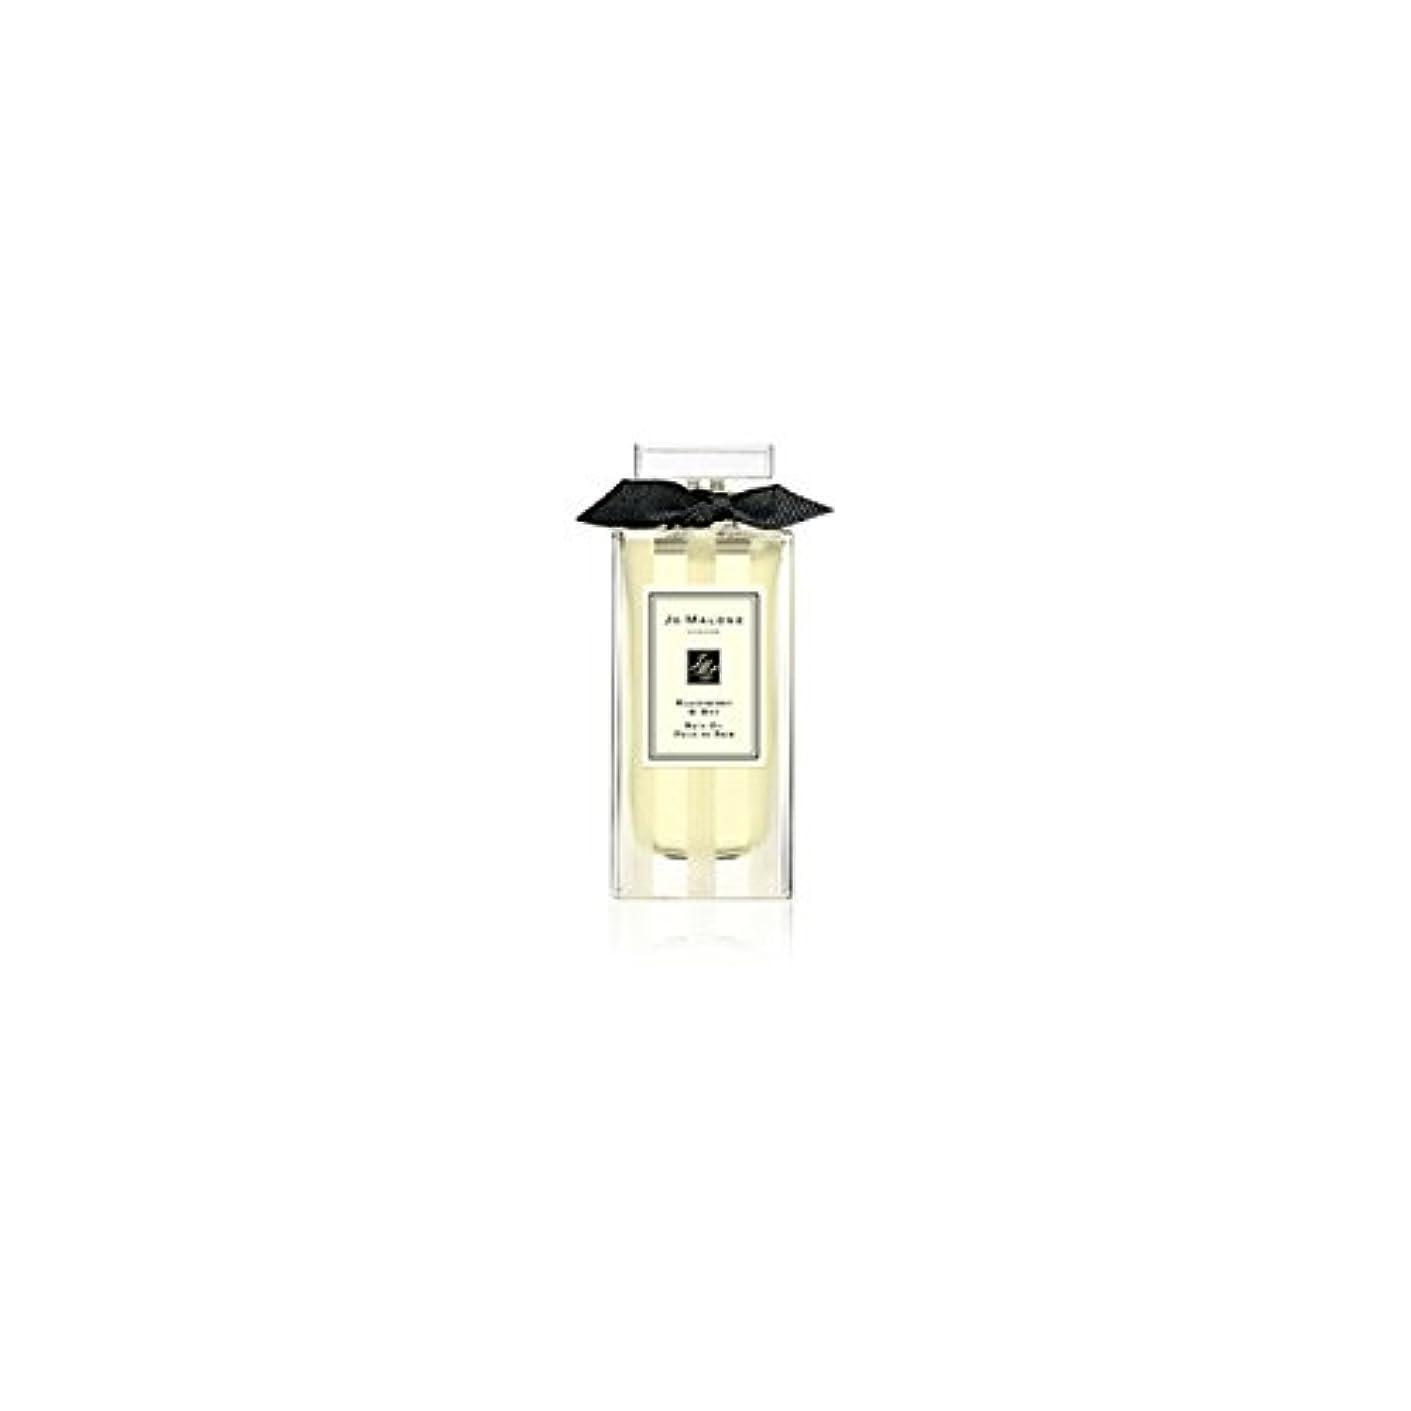 名目上の不和シリングJo Malone Blackberry & Bay Bath Oil - 30ml (Pack of 6) - ジョーマローンブラックベリー&ベイバスオイル - 30ミリリットル (x6) [並行輸入品]